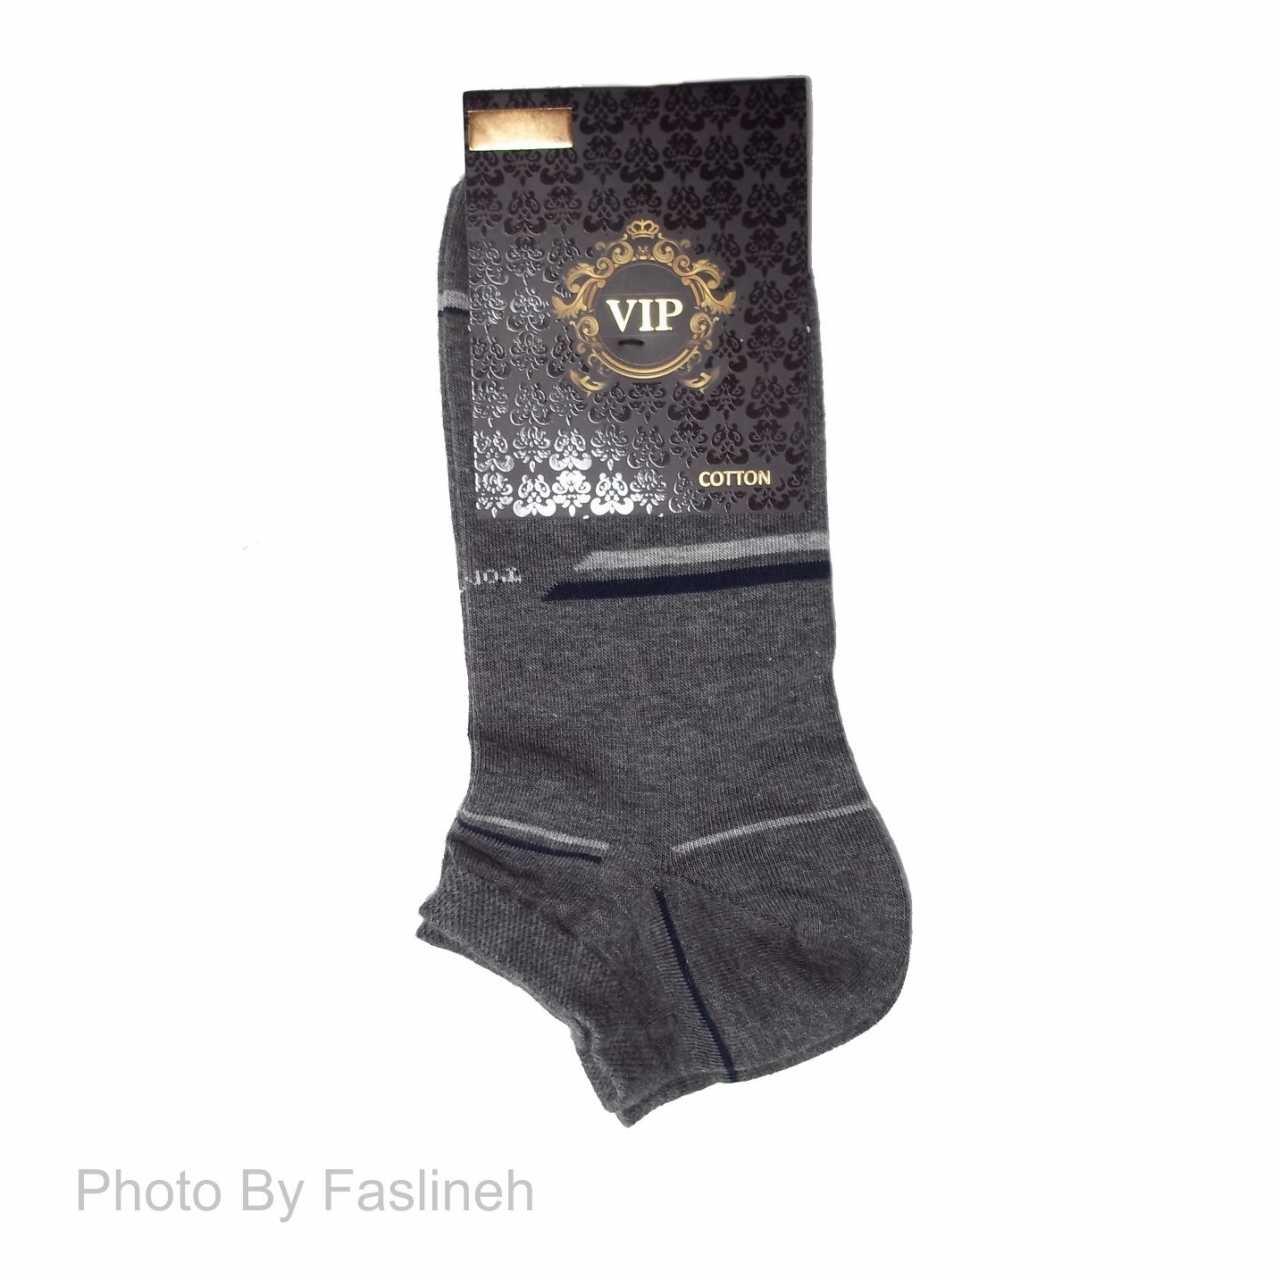 جوراب مچی مردانه مدل VIP طوسی